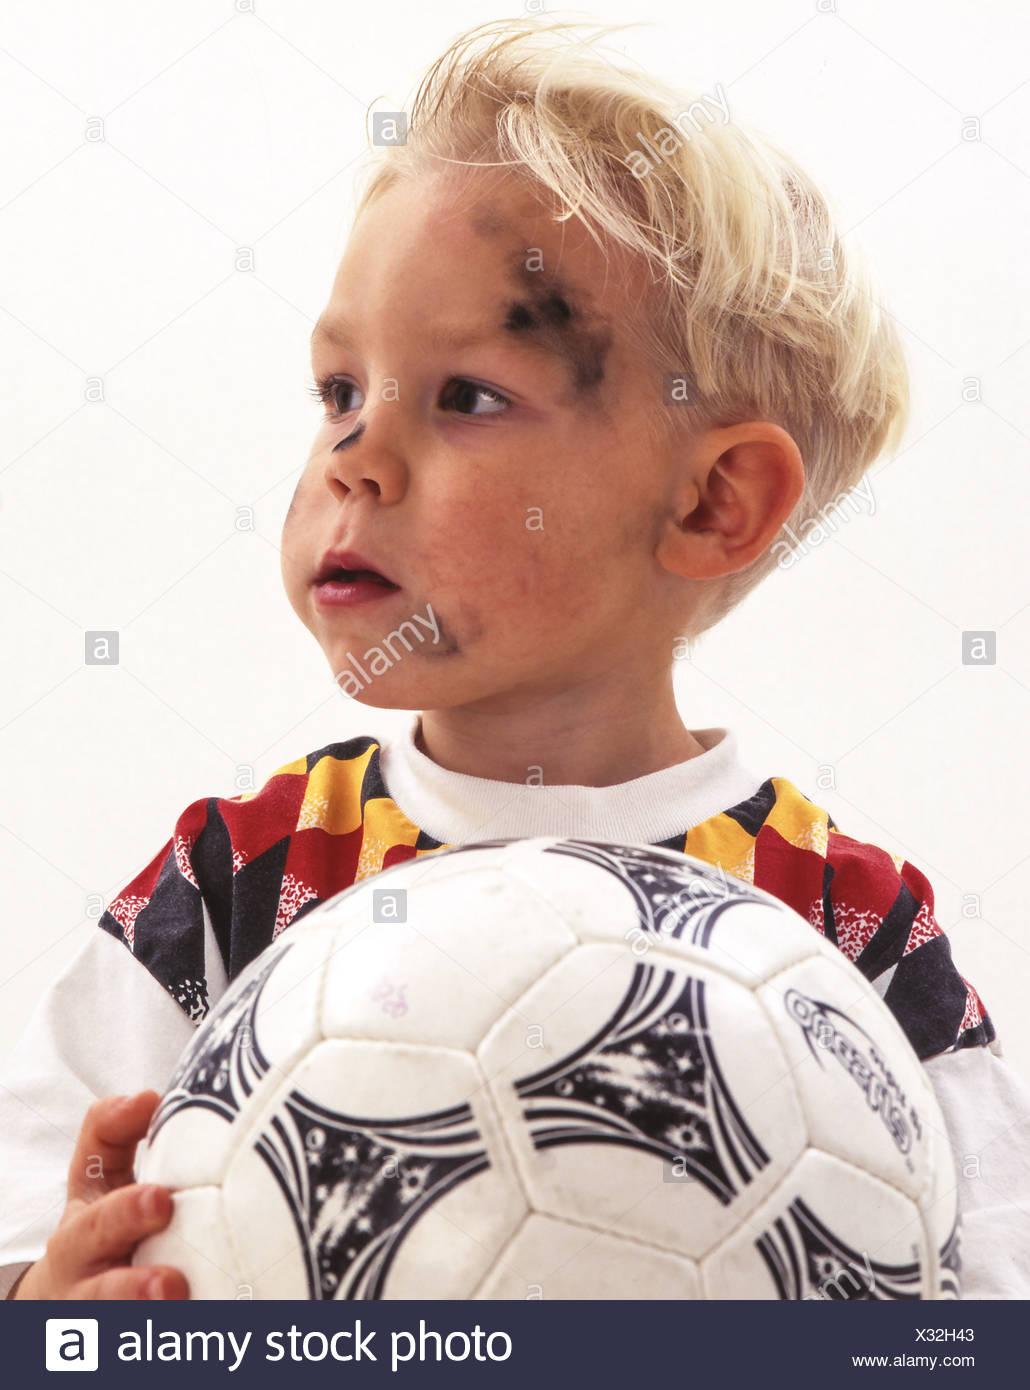 Kleiner Junge mit Fussball und Deutschland Trikot - Stock Image